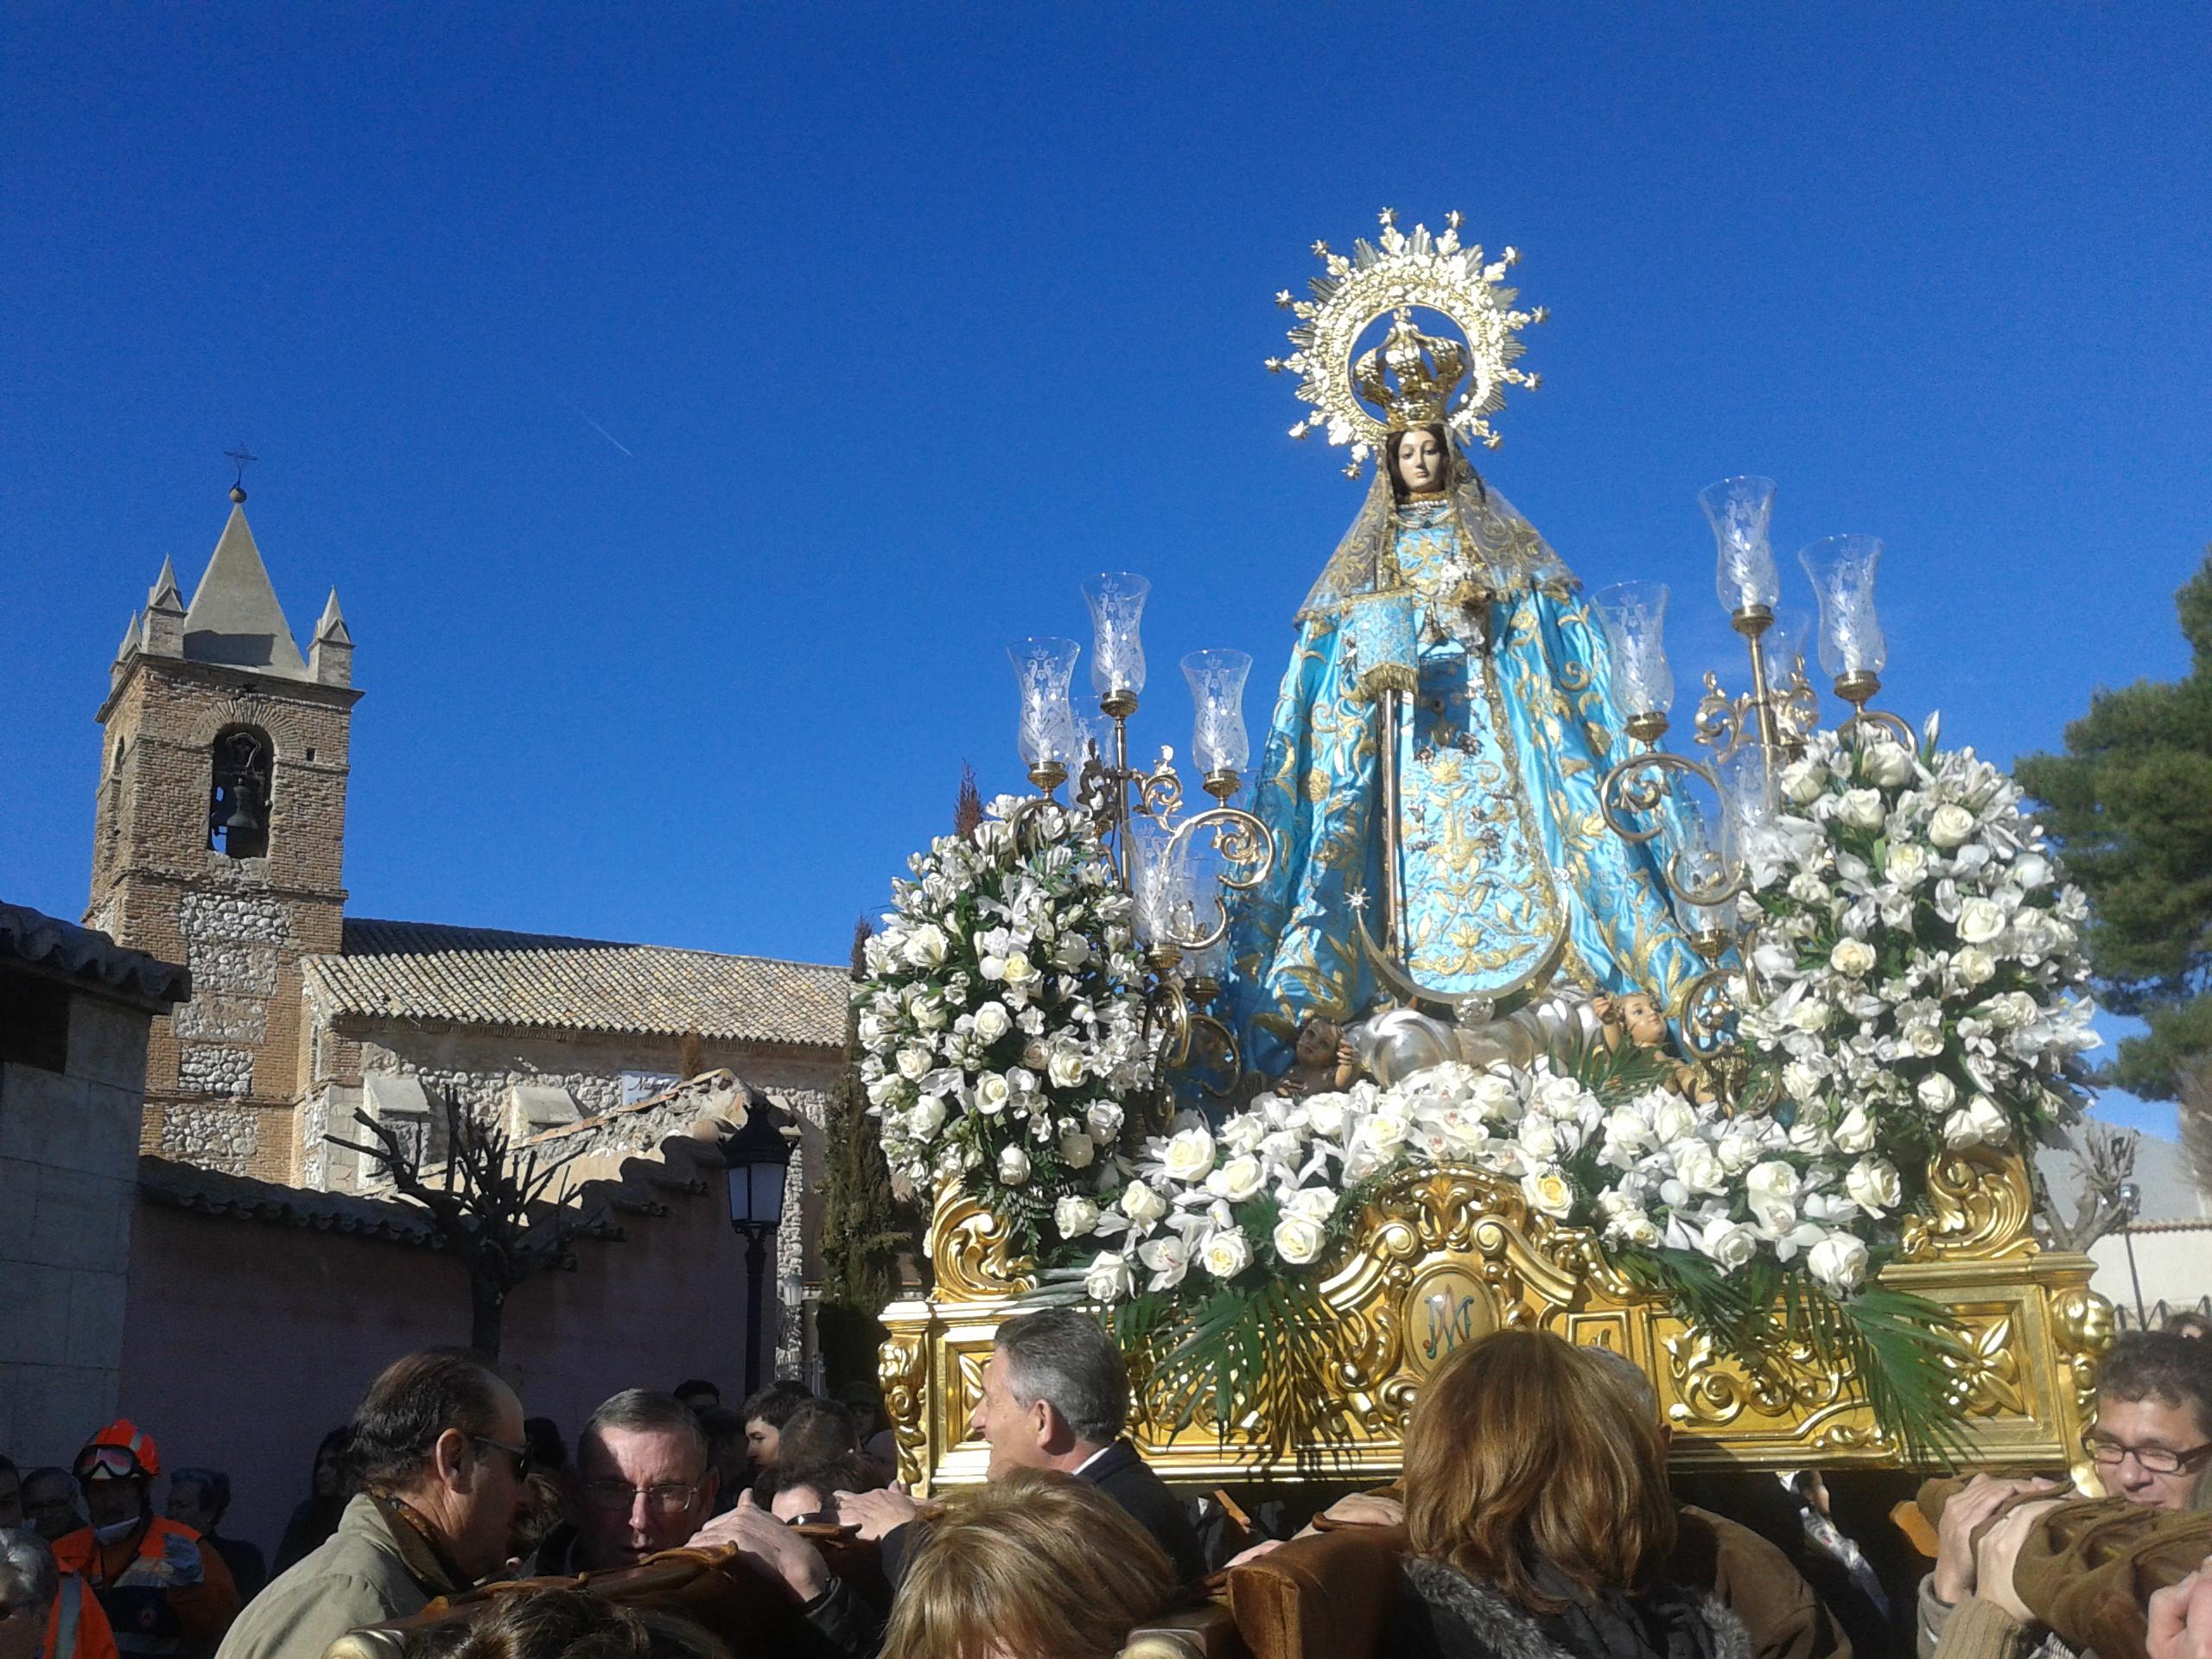 Virgen de la Paz de Villarta de San Juan y su gran Fiesta de las Paces, España (23 ene)